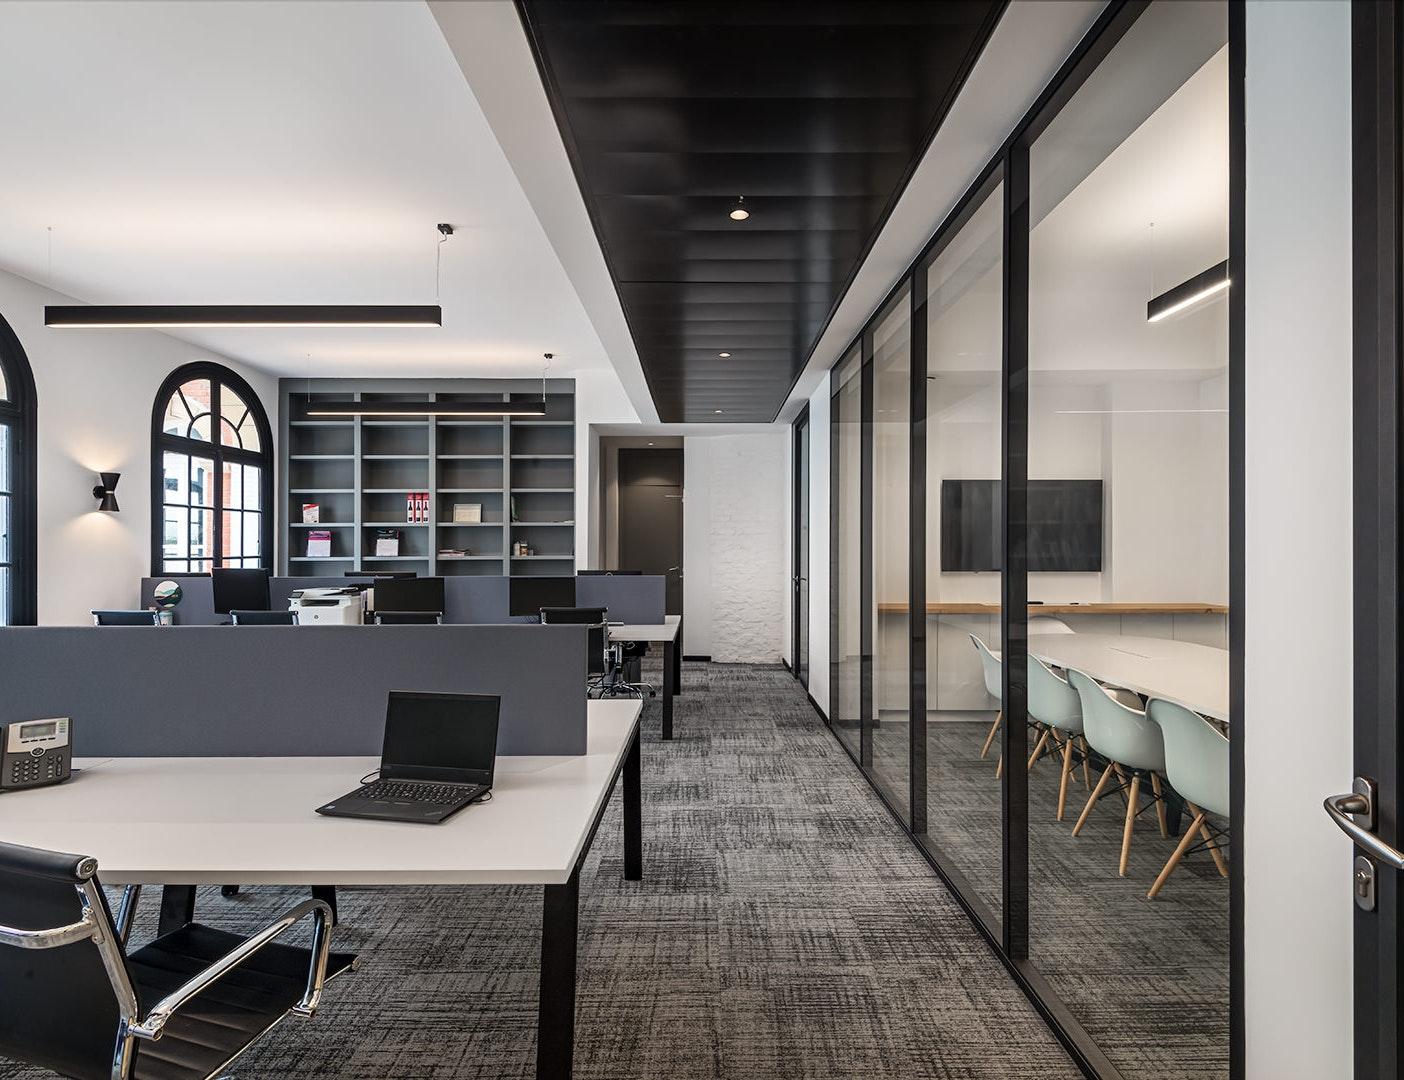 photo Transformation d'un hotel particulier en co-working de 540m2 Berger Potit Architecture